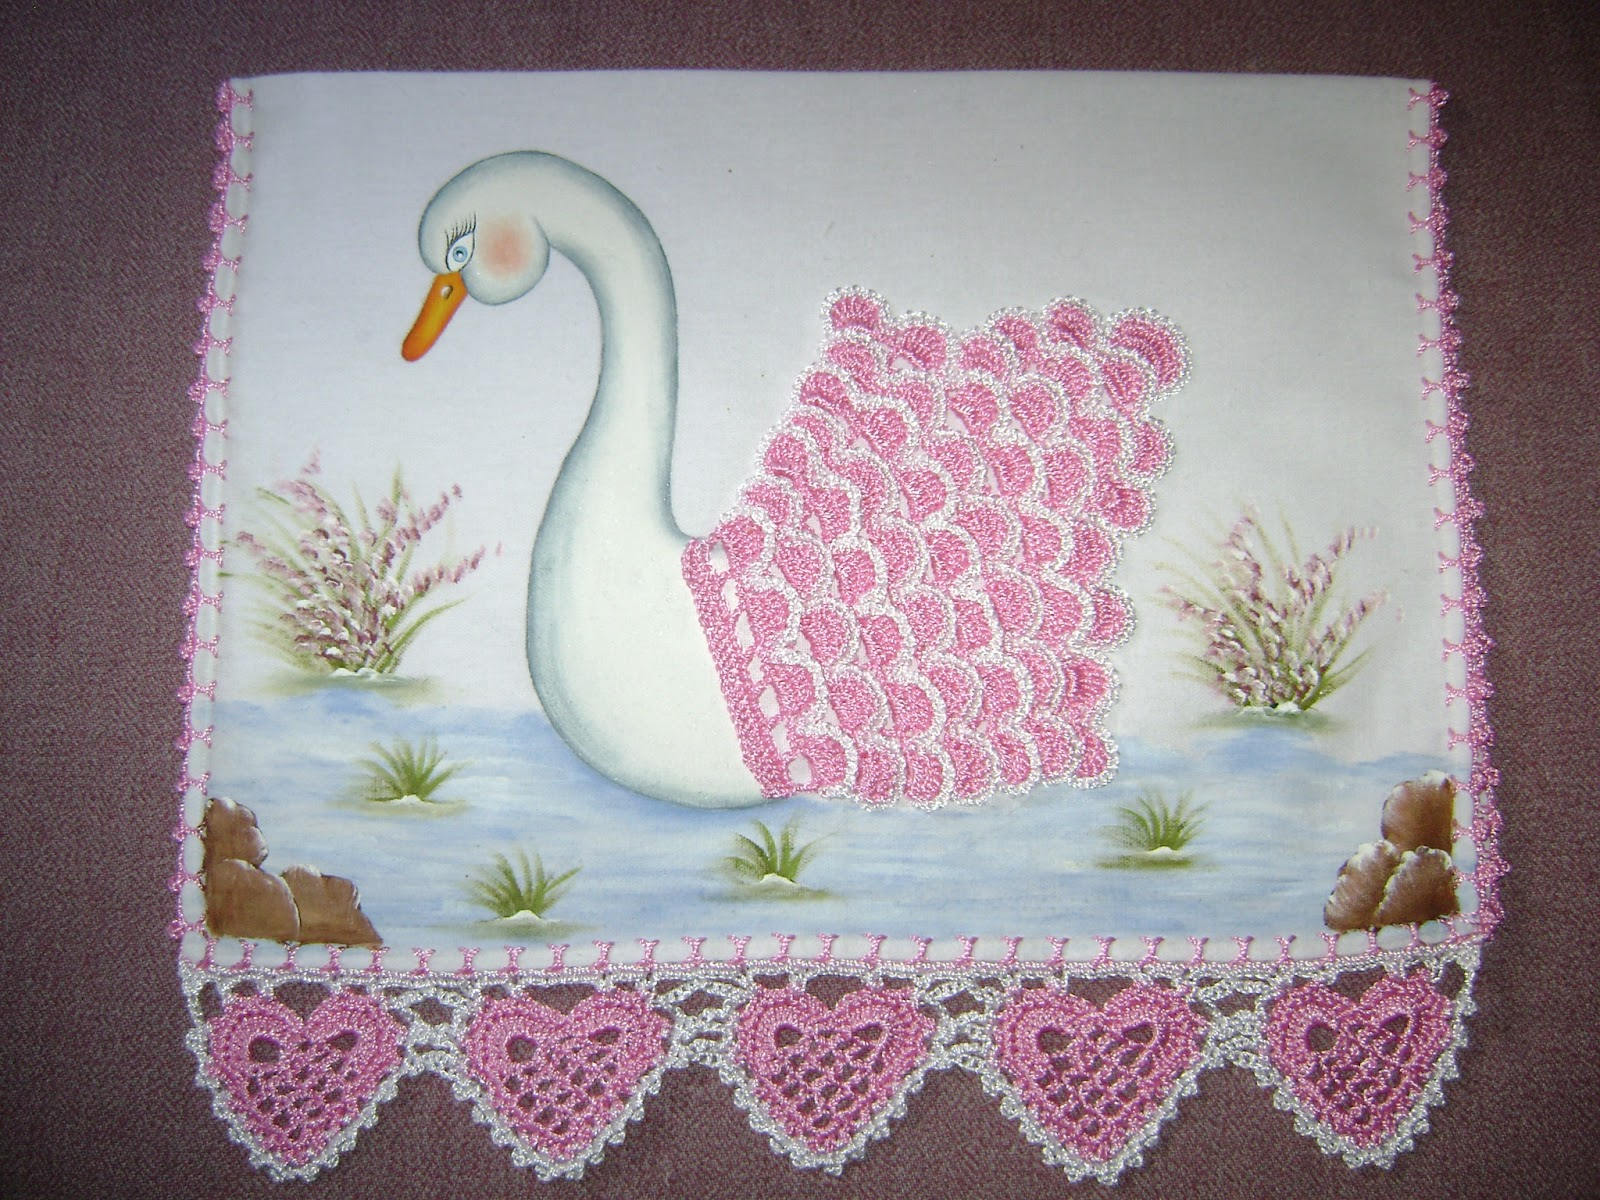 Lindo guardanapo com barrado em crochê e cisne pintado a mão também